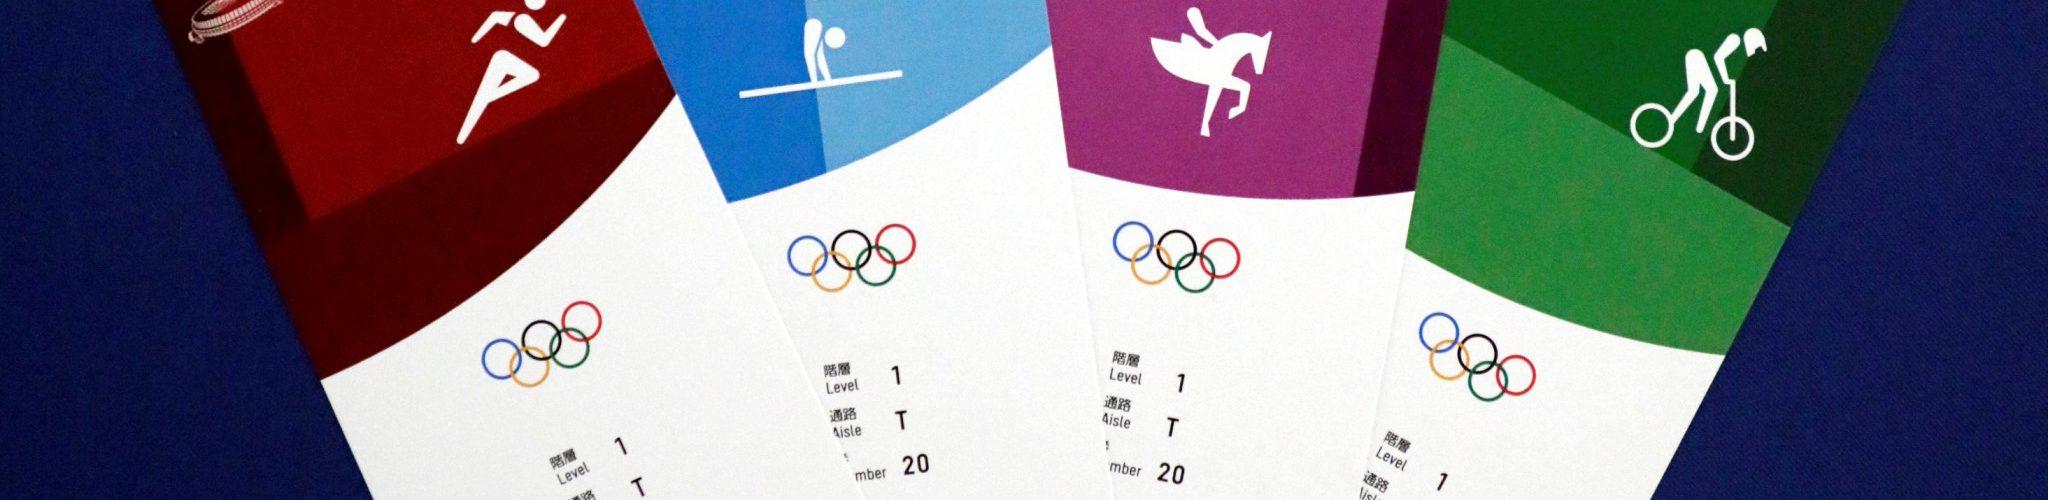 بازیهای المپیک توکیو تقریباً یک پنجم بلیط های فروخته شده را پس می گیرند